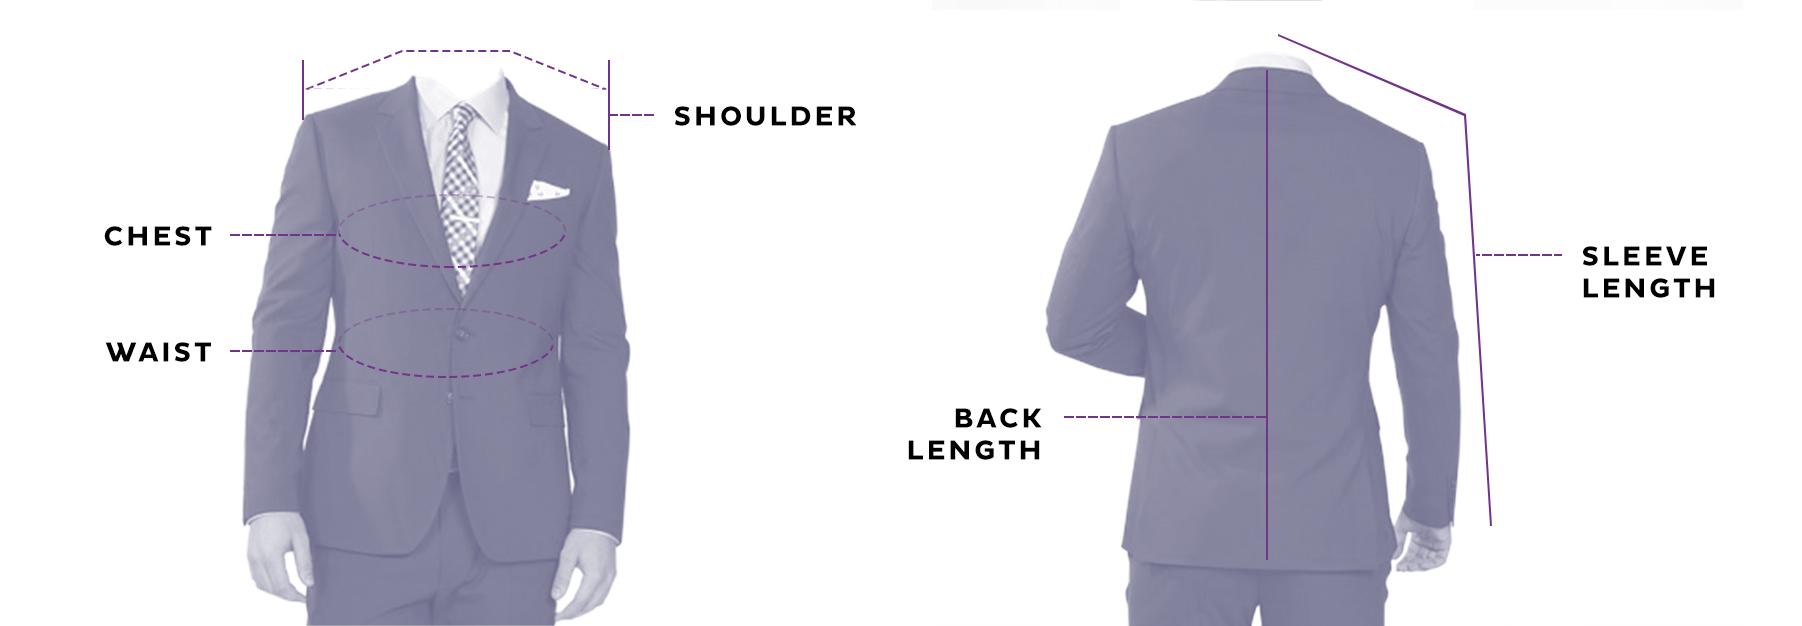 Performance Suit Jacket